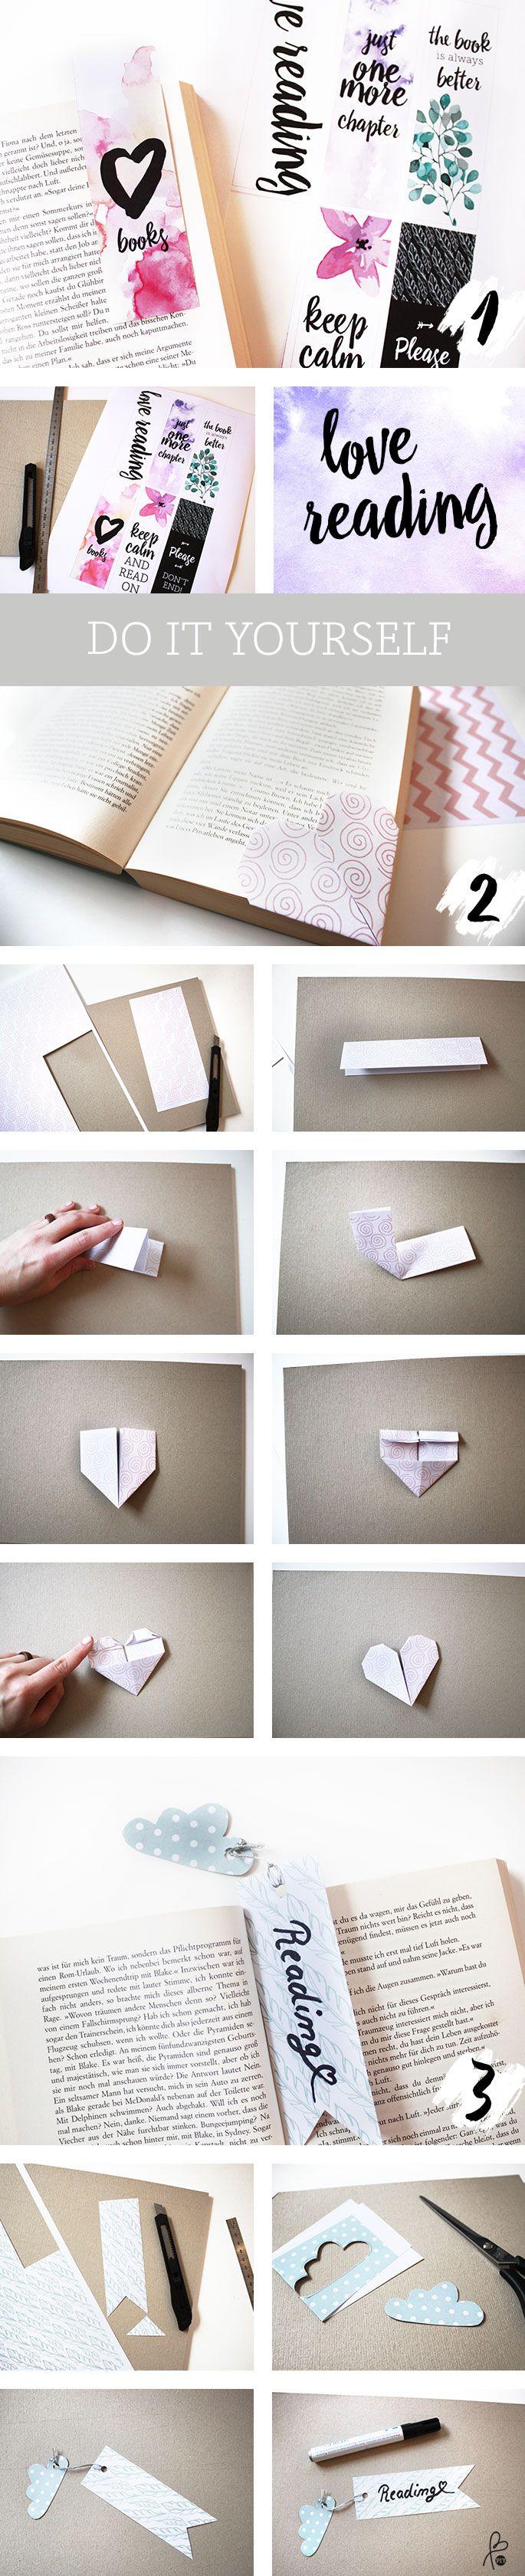 DIY / 3 Ideas / Lesezeichen selbst machen / sppiy printityourself.de